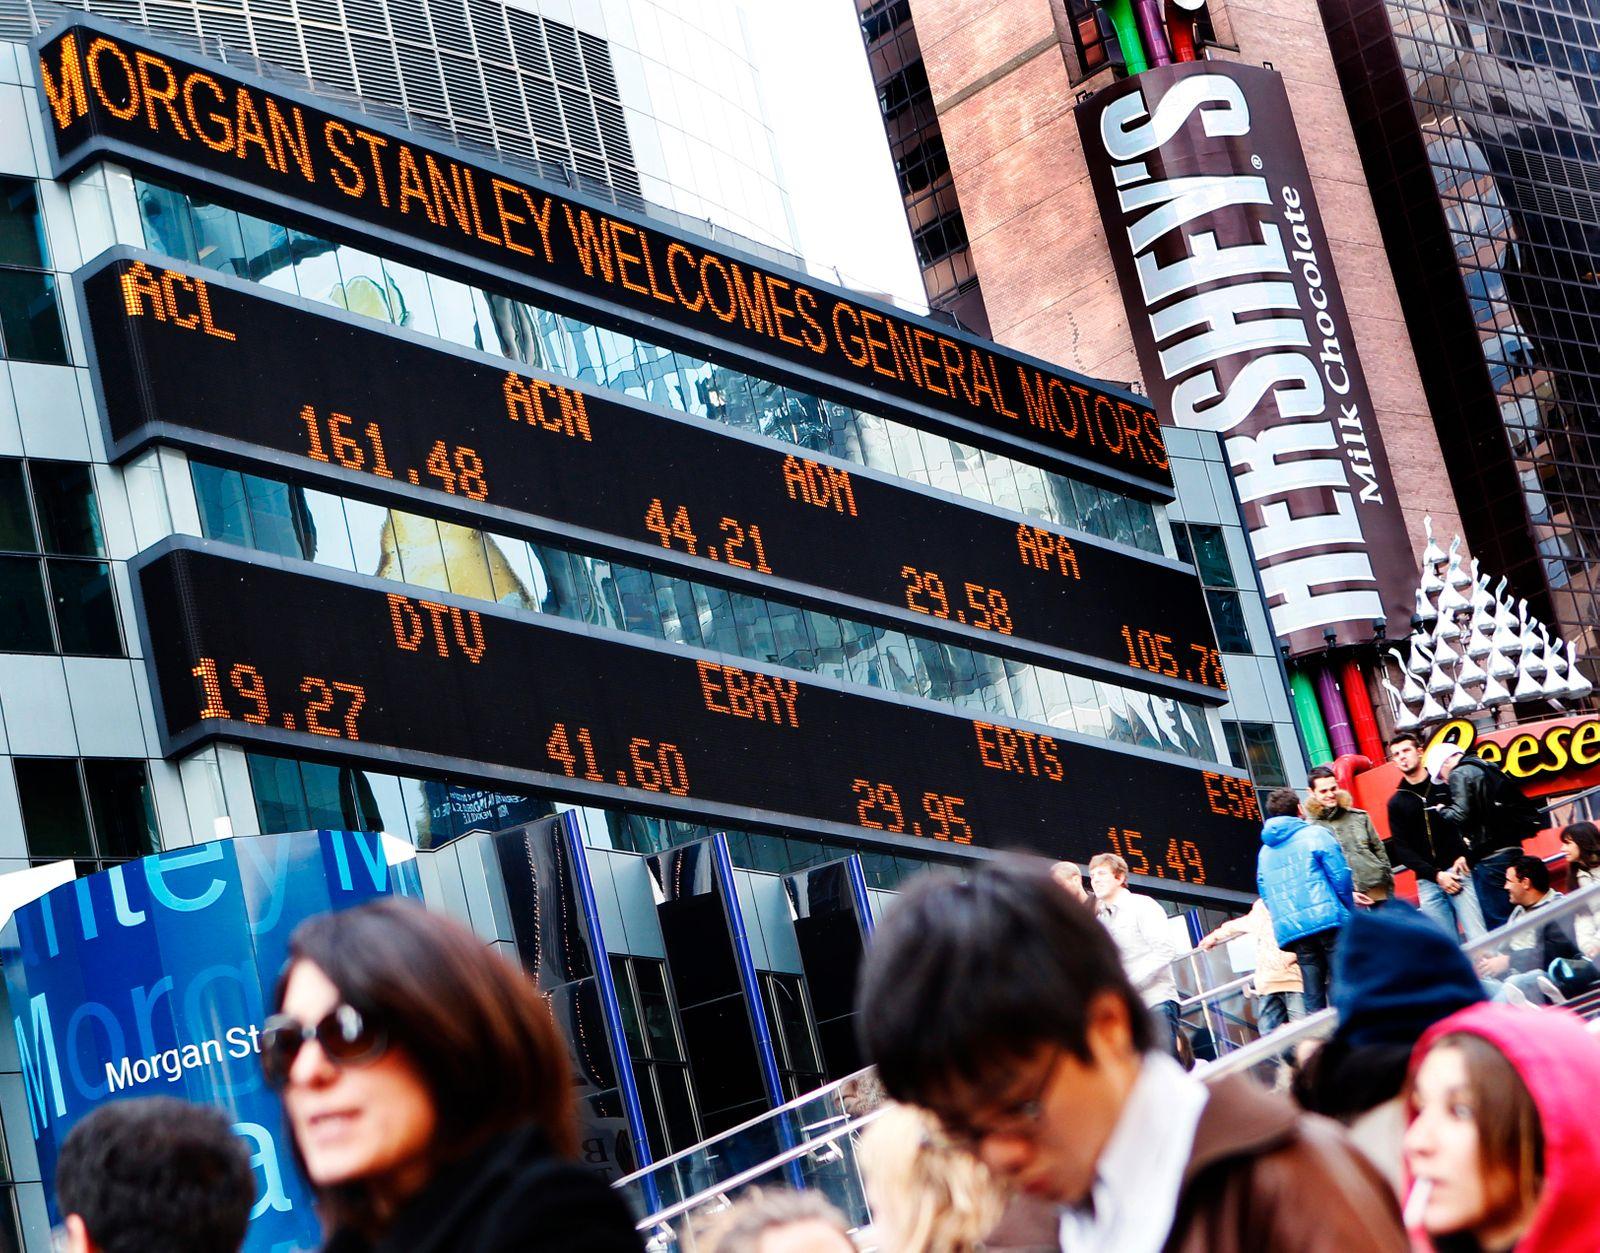 General Motors / Börse / Morgan Stanley welcomes GM